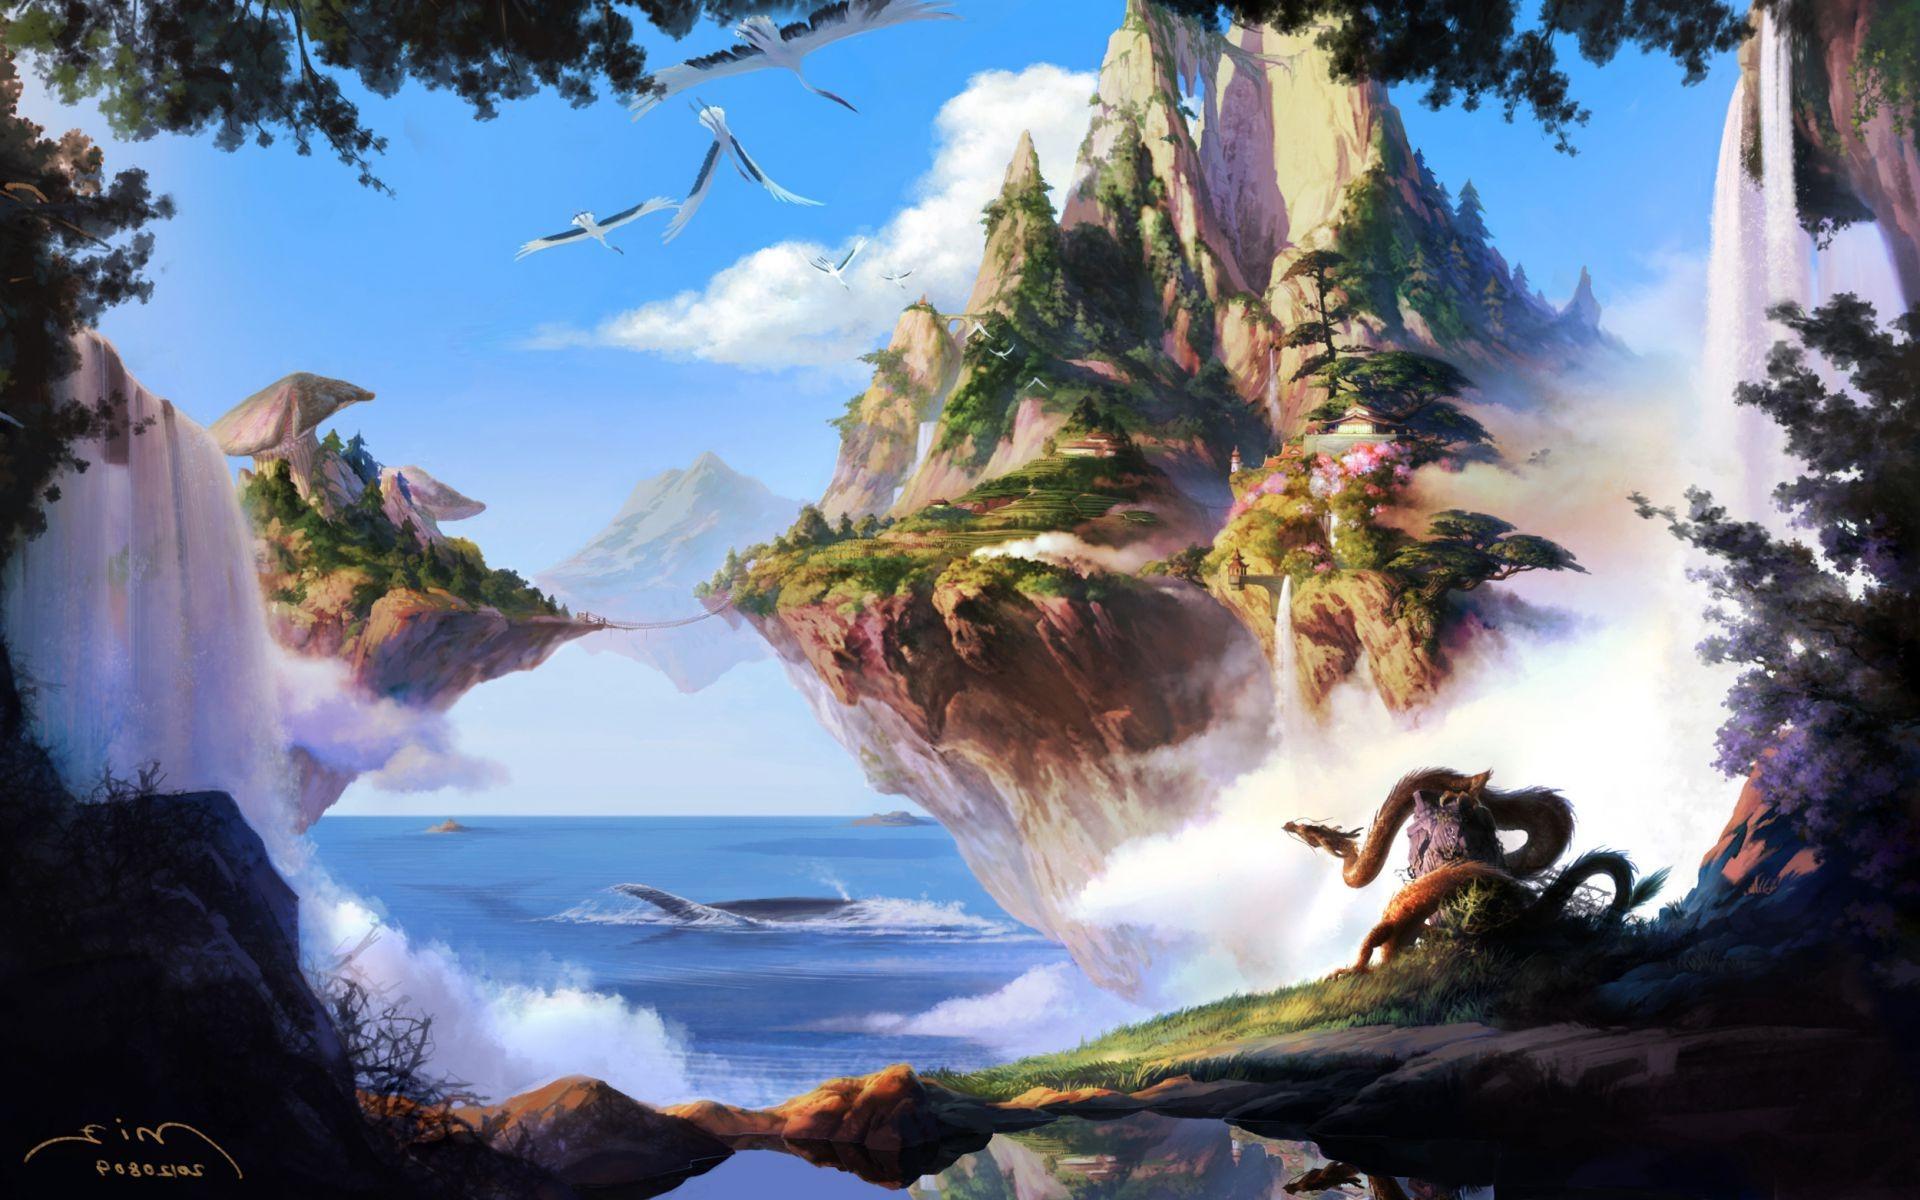 картинка с драконом у озера